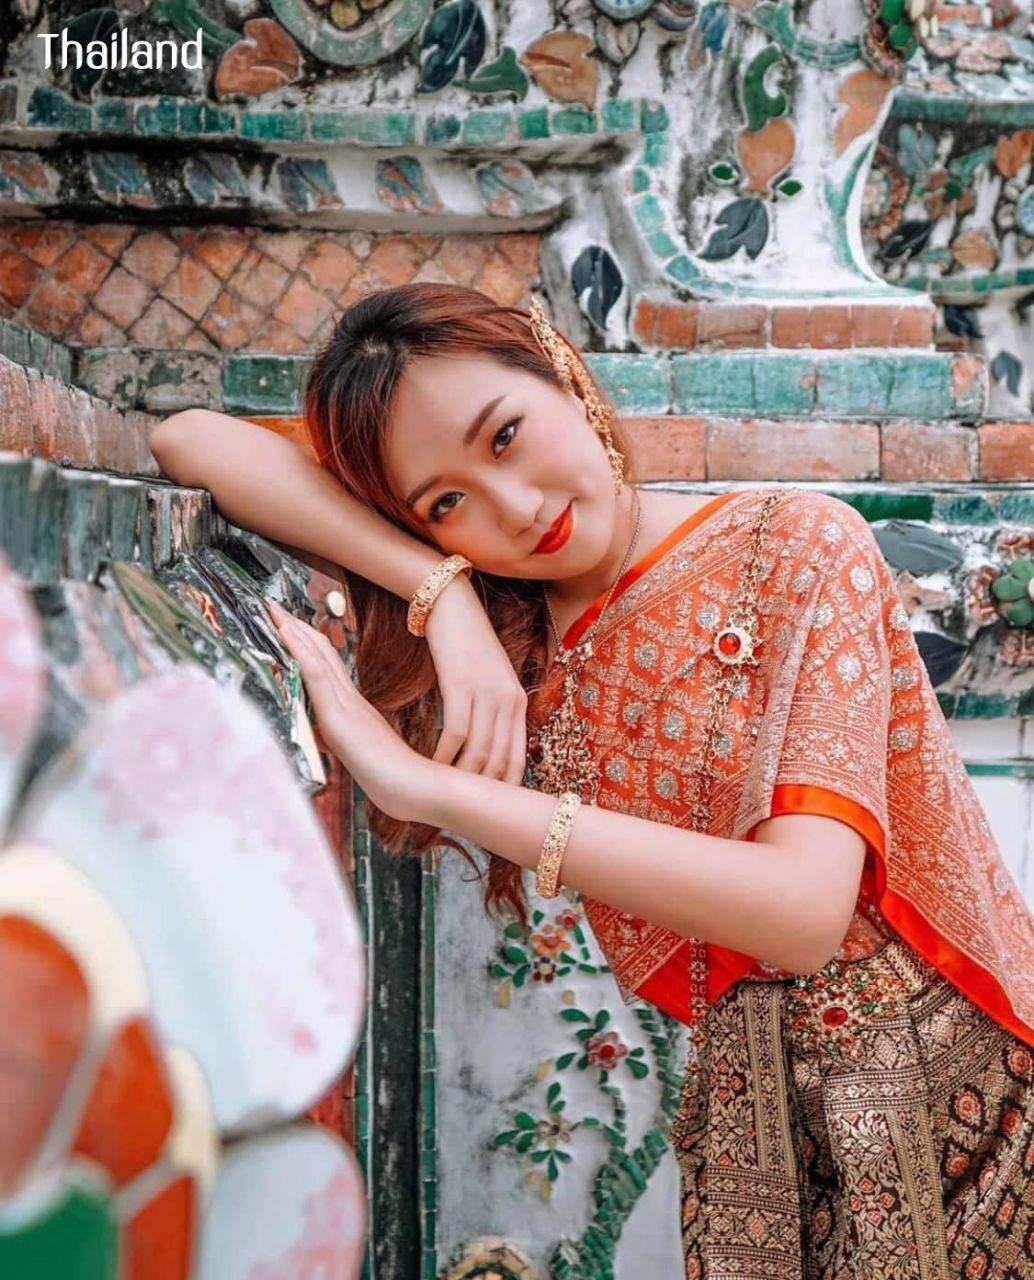 THAILAND 🇹🇭 | The Sbai, Thai dress (ชุดไทย)